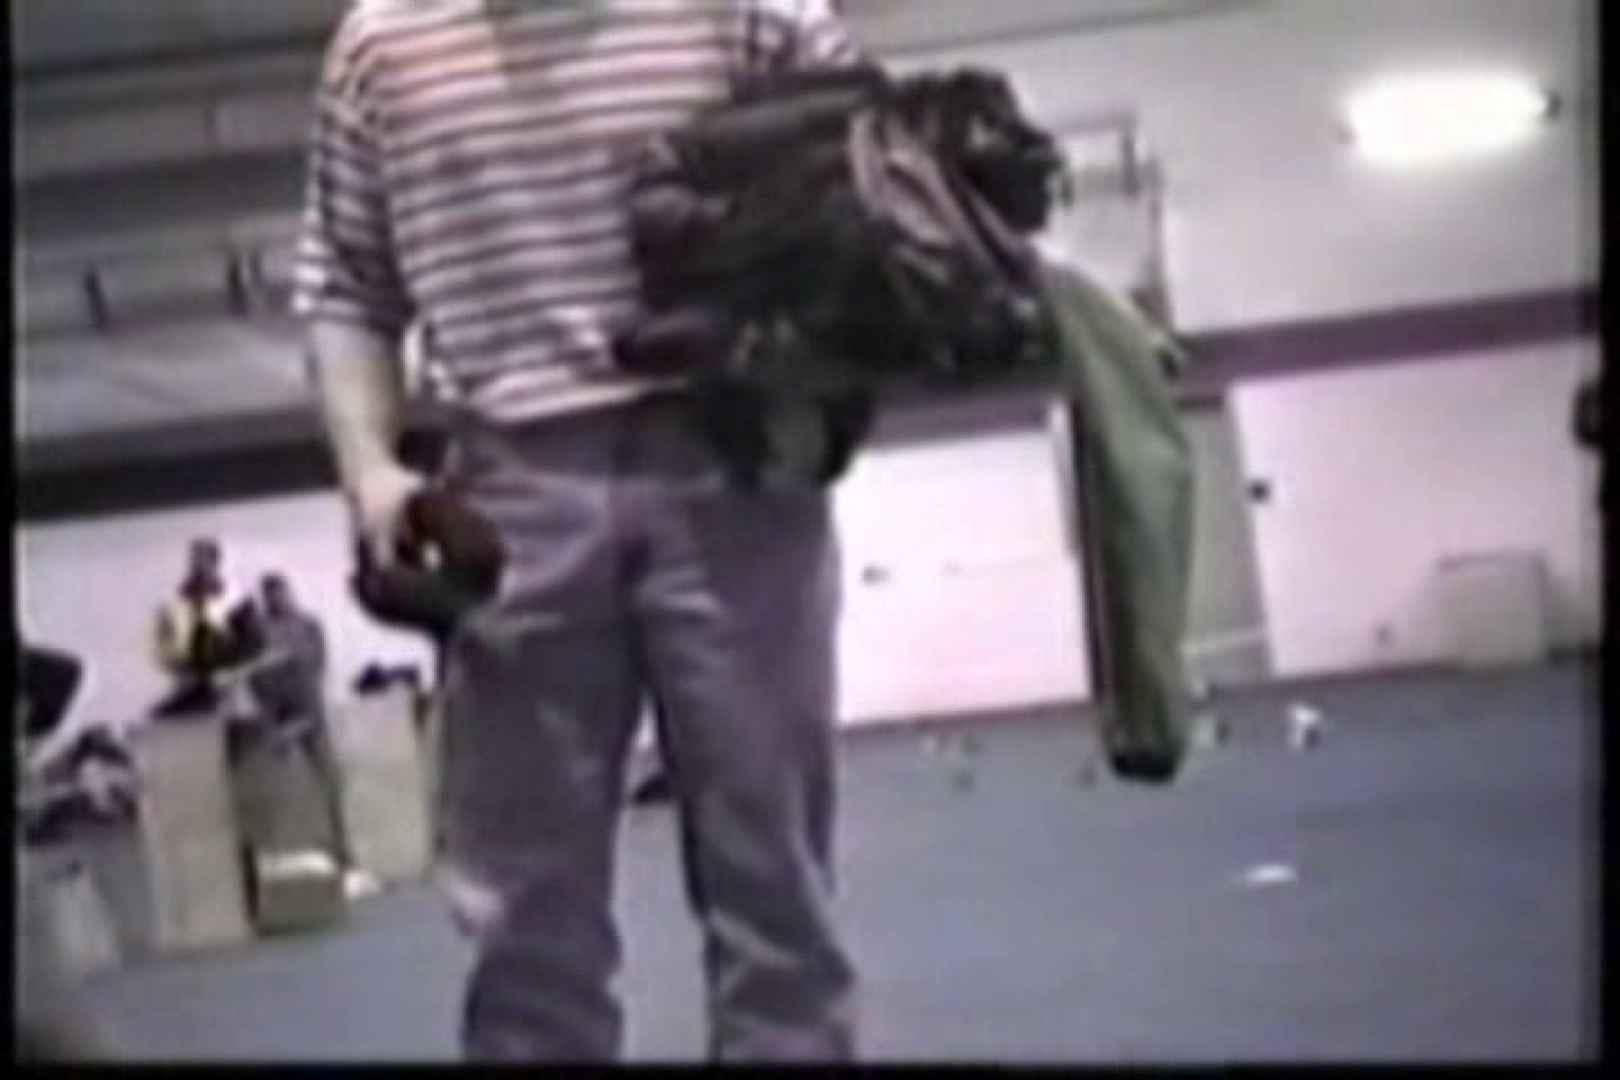 洋人さんの脱衣所を覗いてみました。VOL.8 のぞき   ガチムチマッチョ系  93pic 93